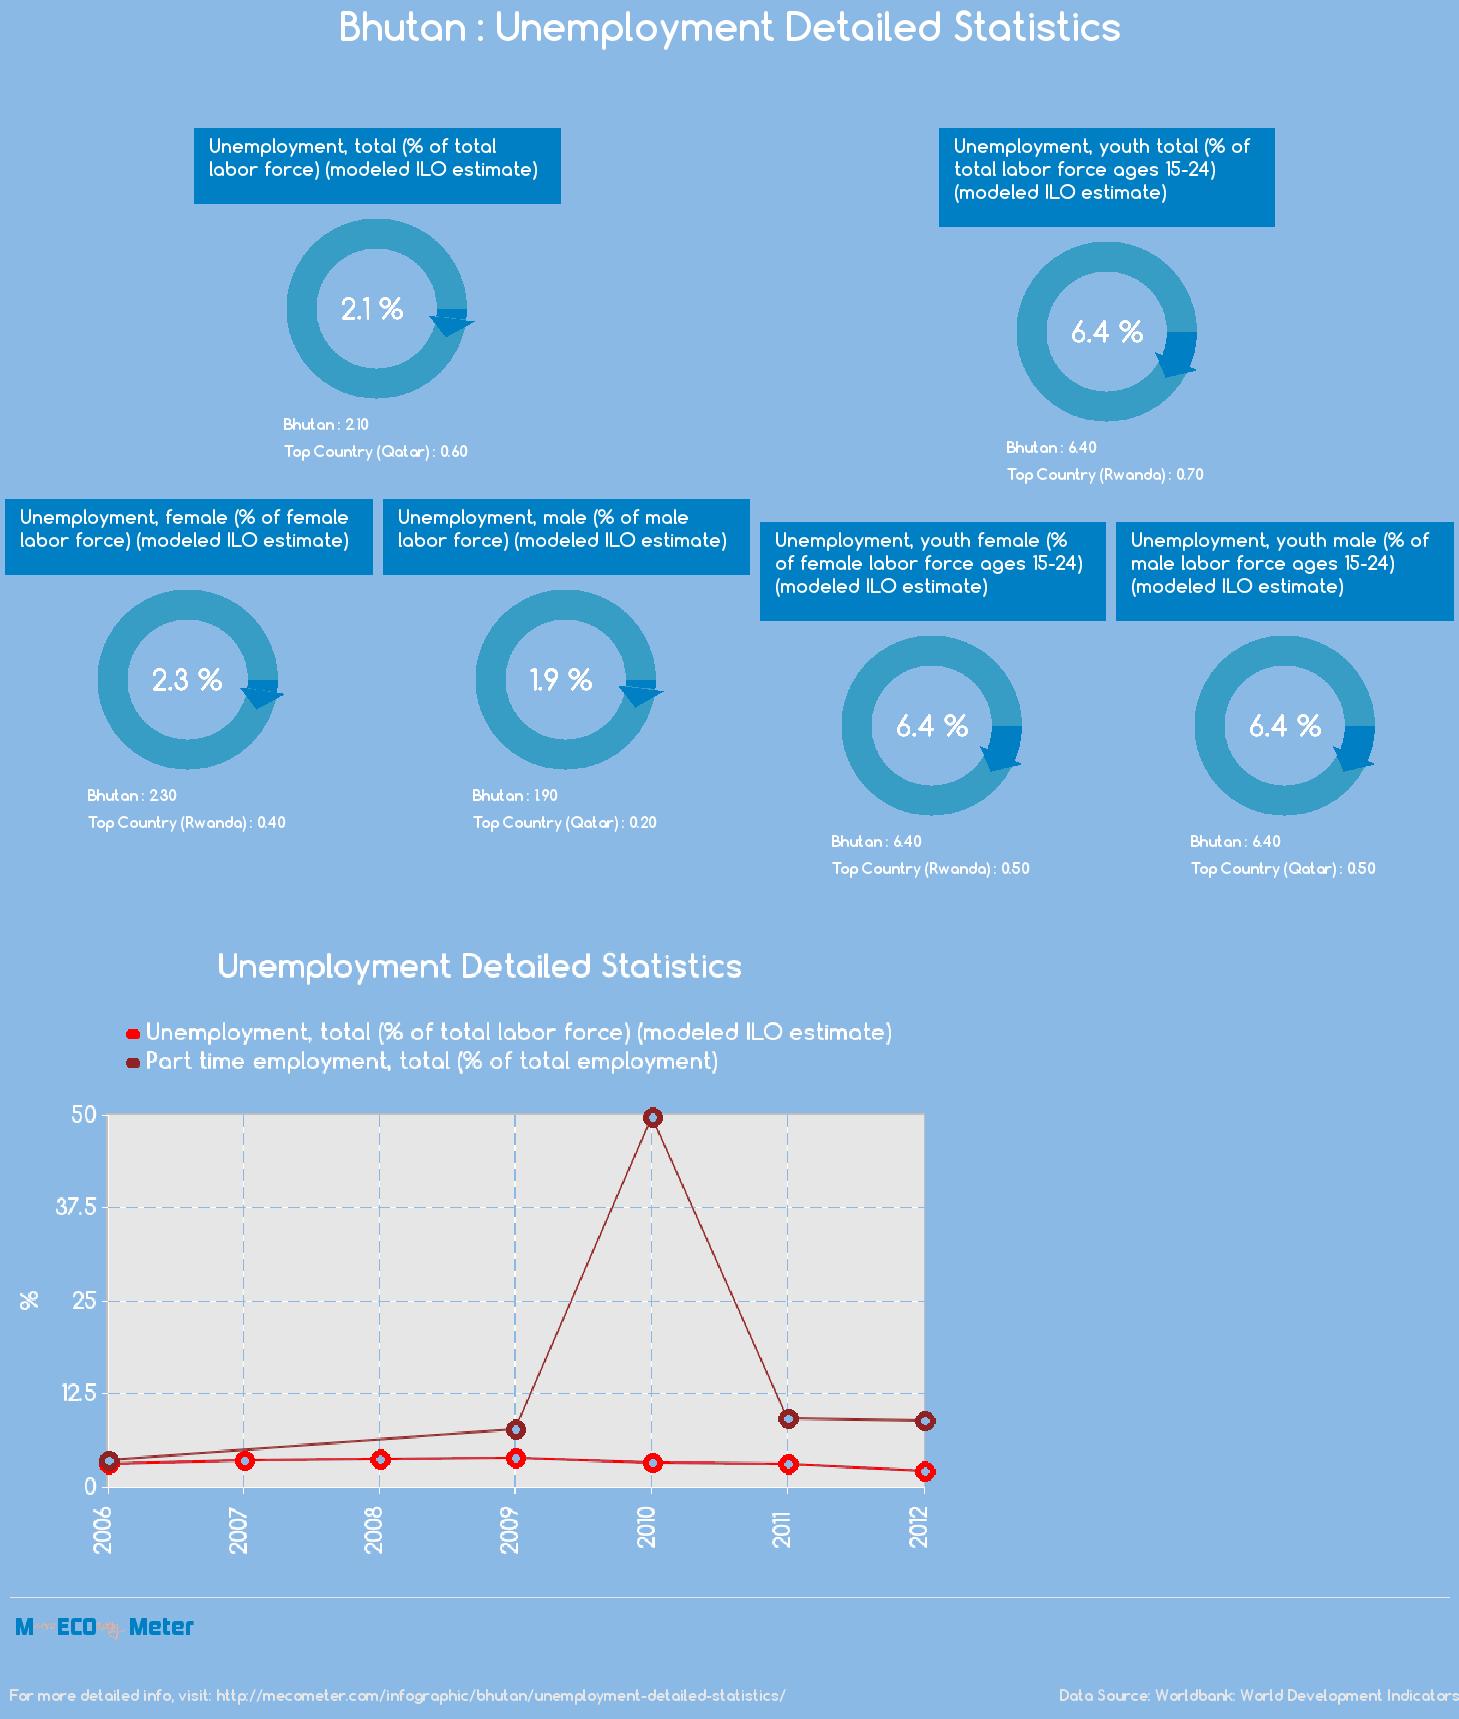 Bhutan : Unemployment Detailed Statistics